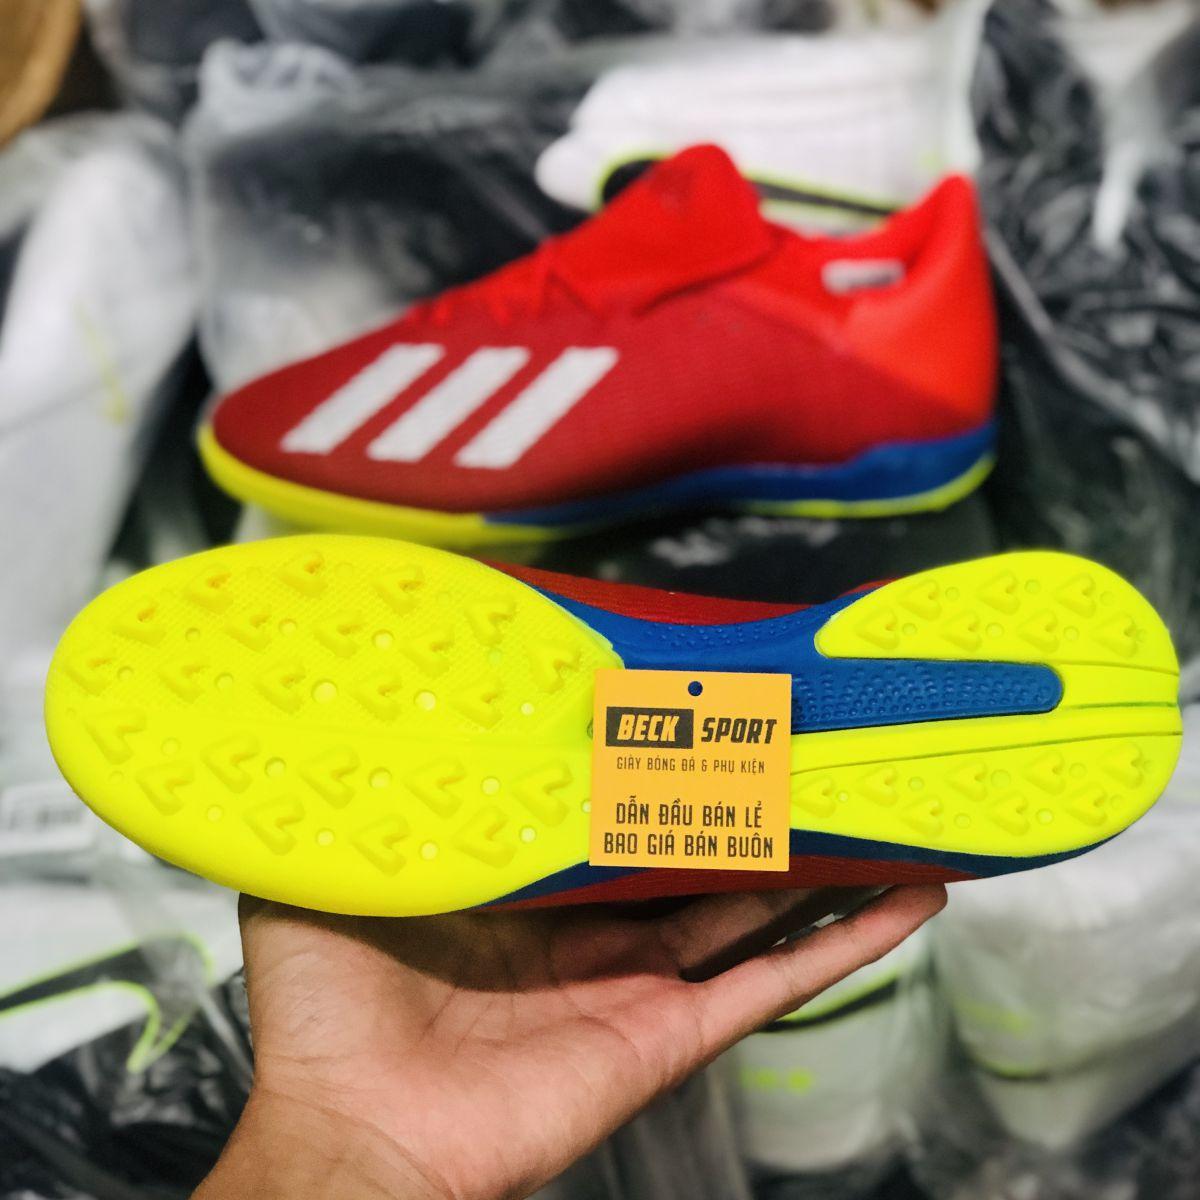 Giày Bóng Đá Adidas X 19.3 Đỏ Vạch Bạc Đế Chuối TF